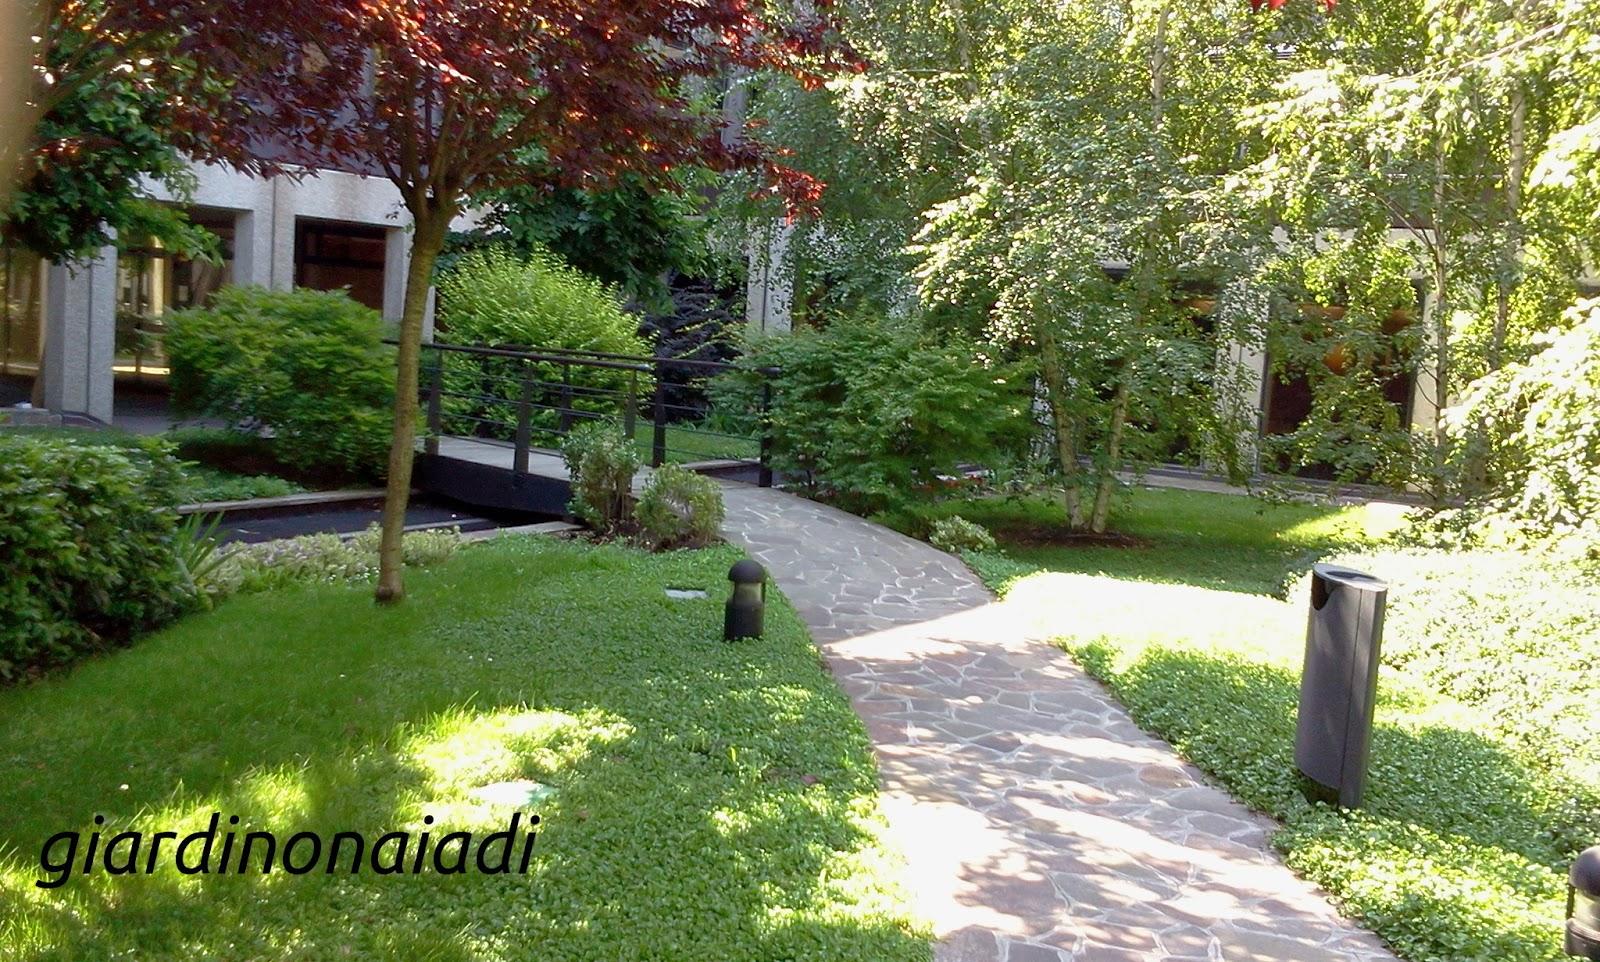 Il giardino delle naiadi due passi in giardino prima parte - Giardini di villette ...